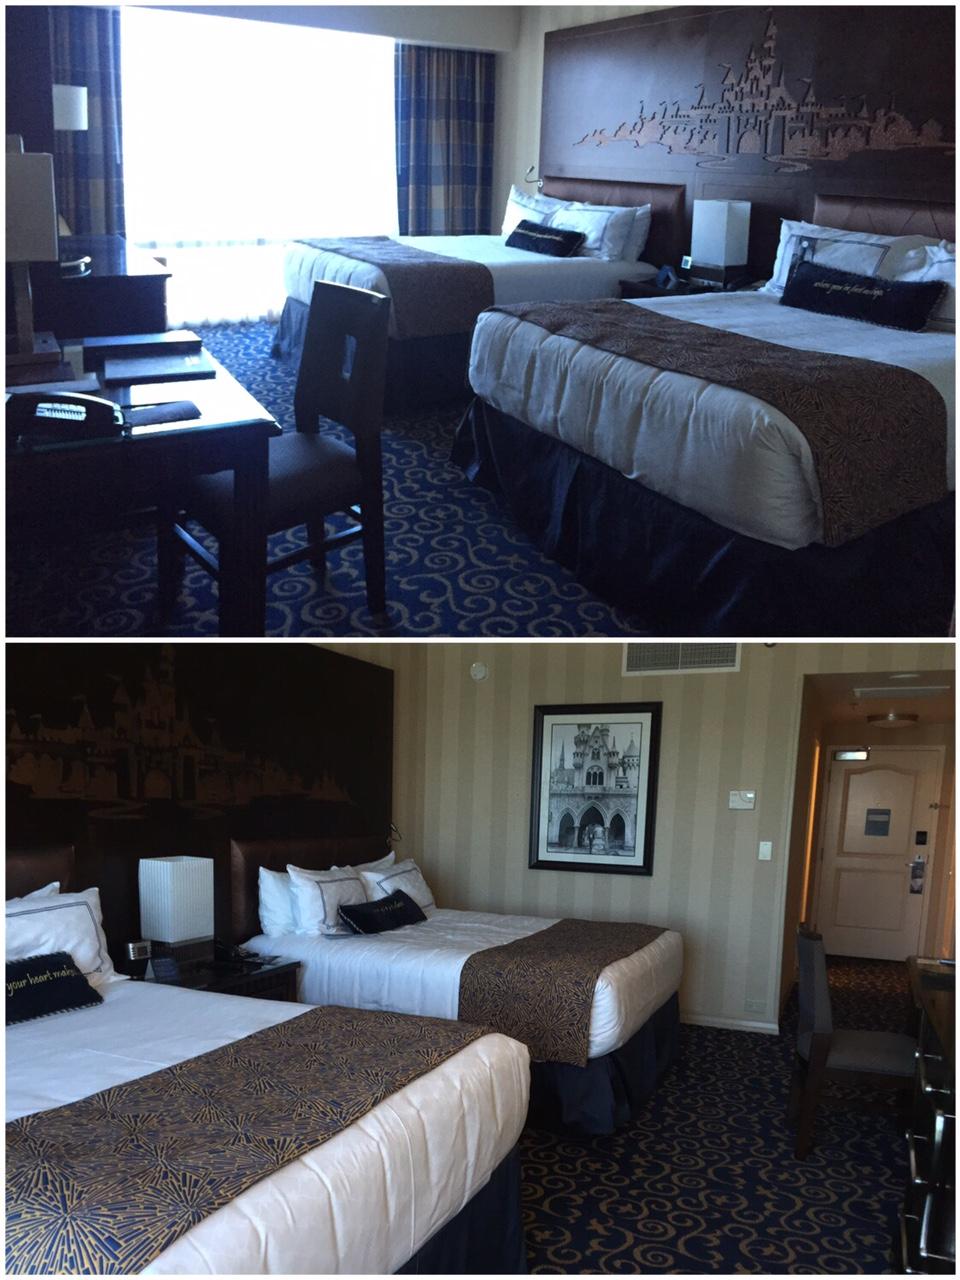 disneyland-hotel-reivew-room.jpg